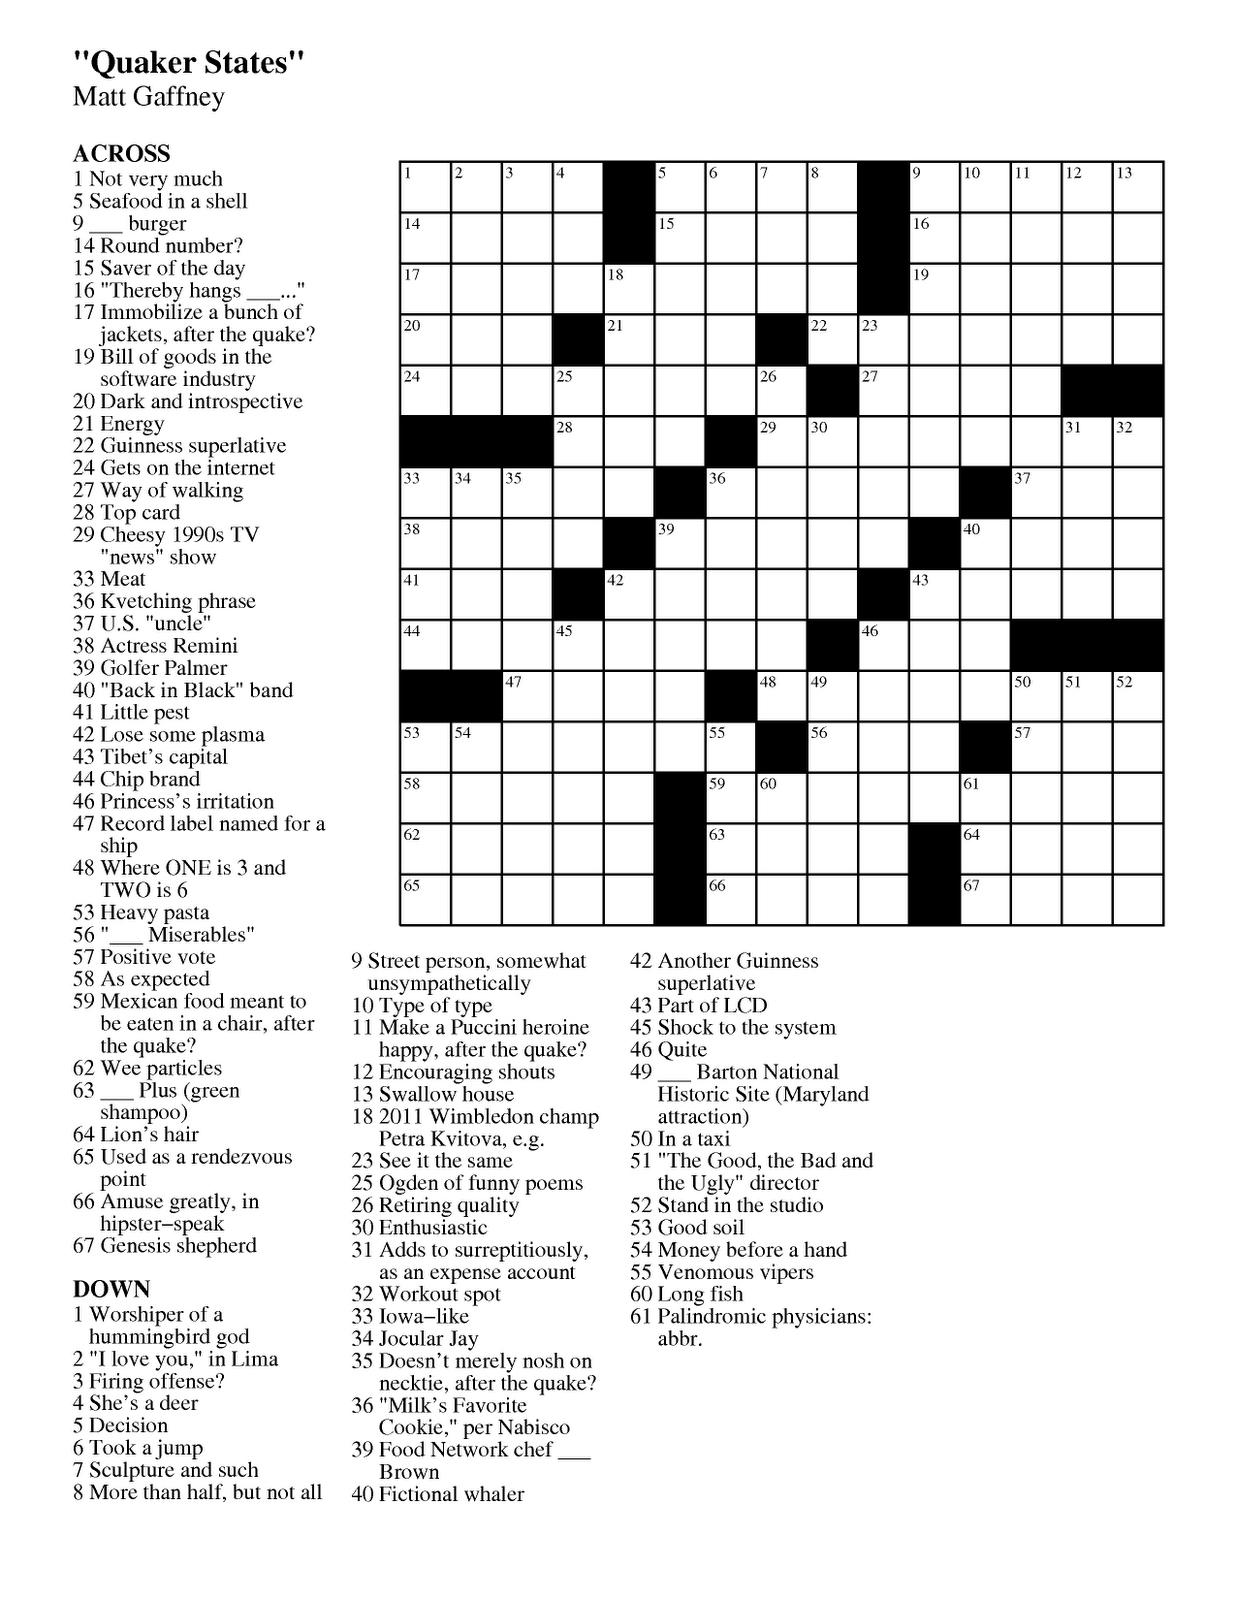 Summer Crossword Puzzle Worksheet - Free Esl Printable Worksheets - Printable Crossword Puzzles Summer